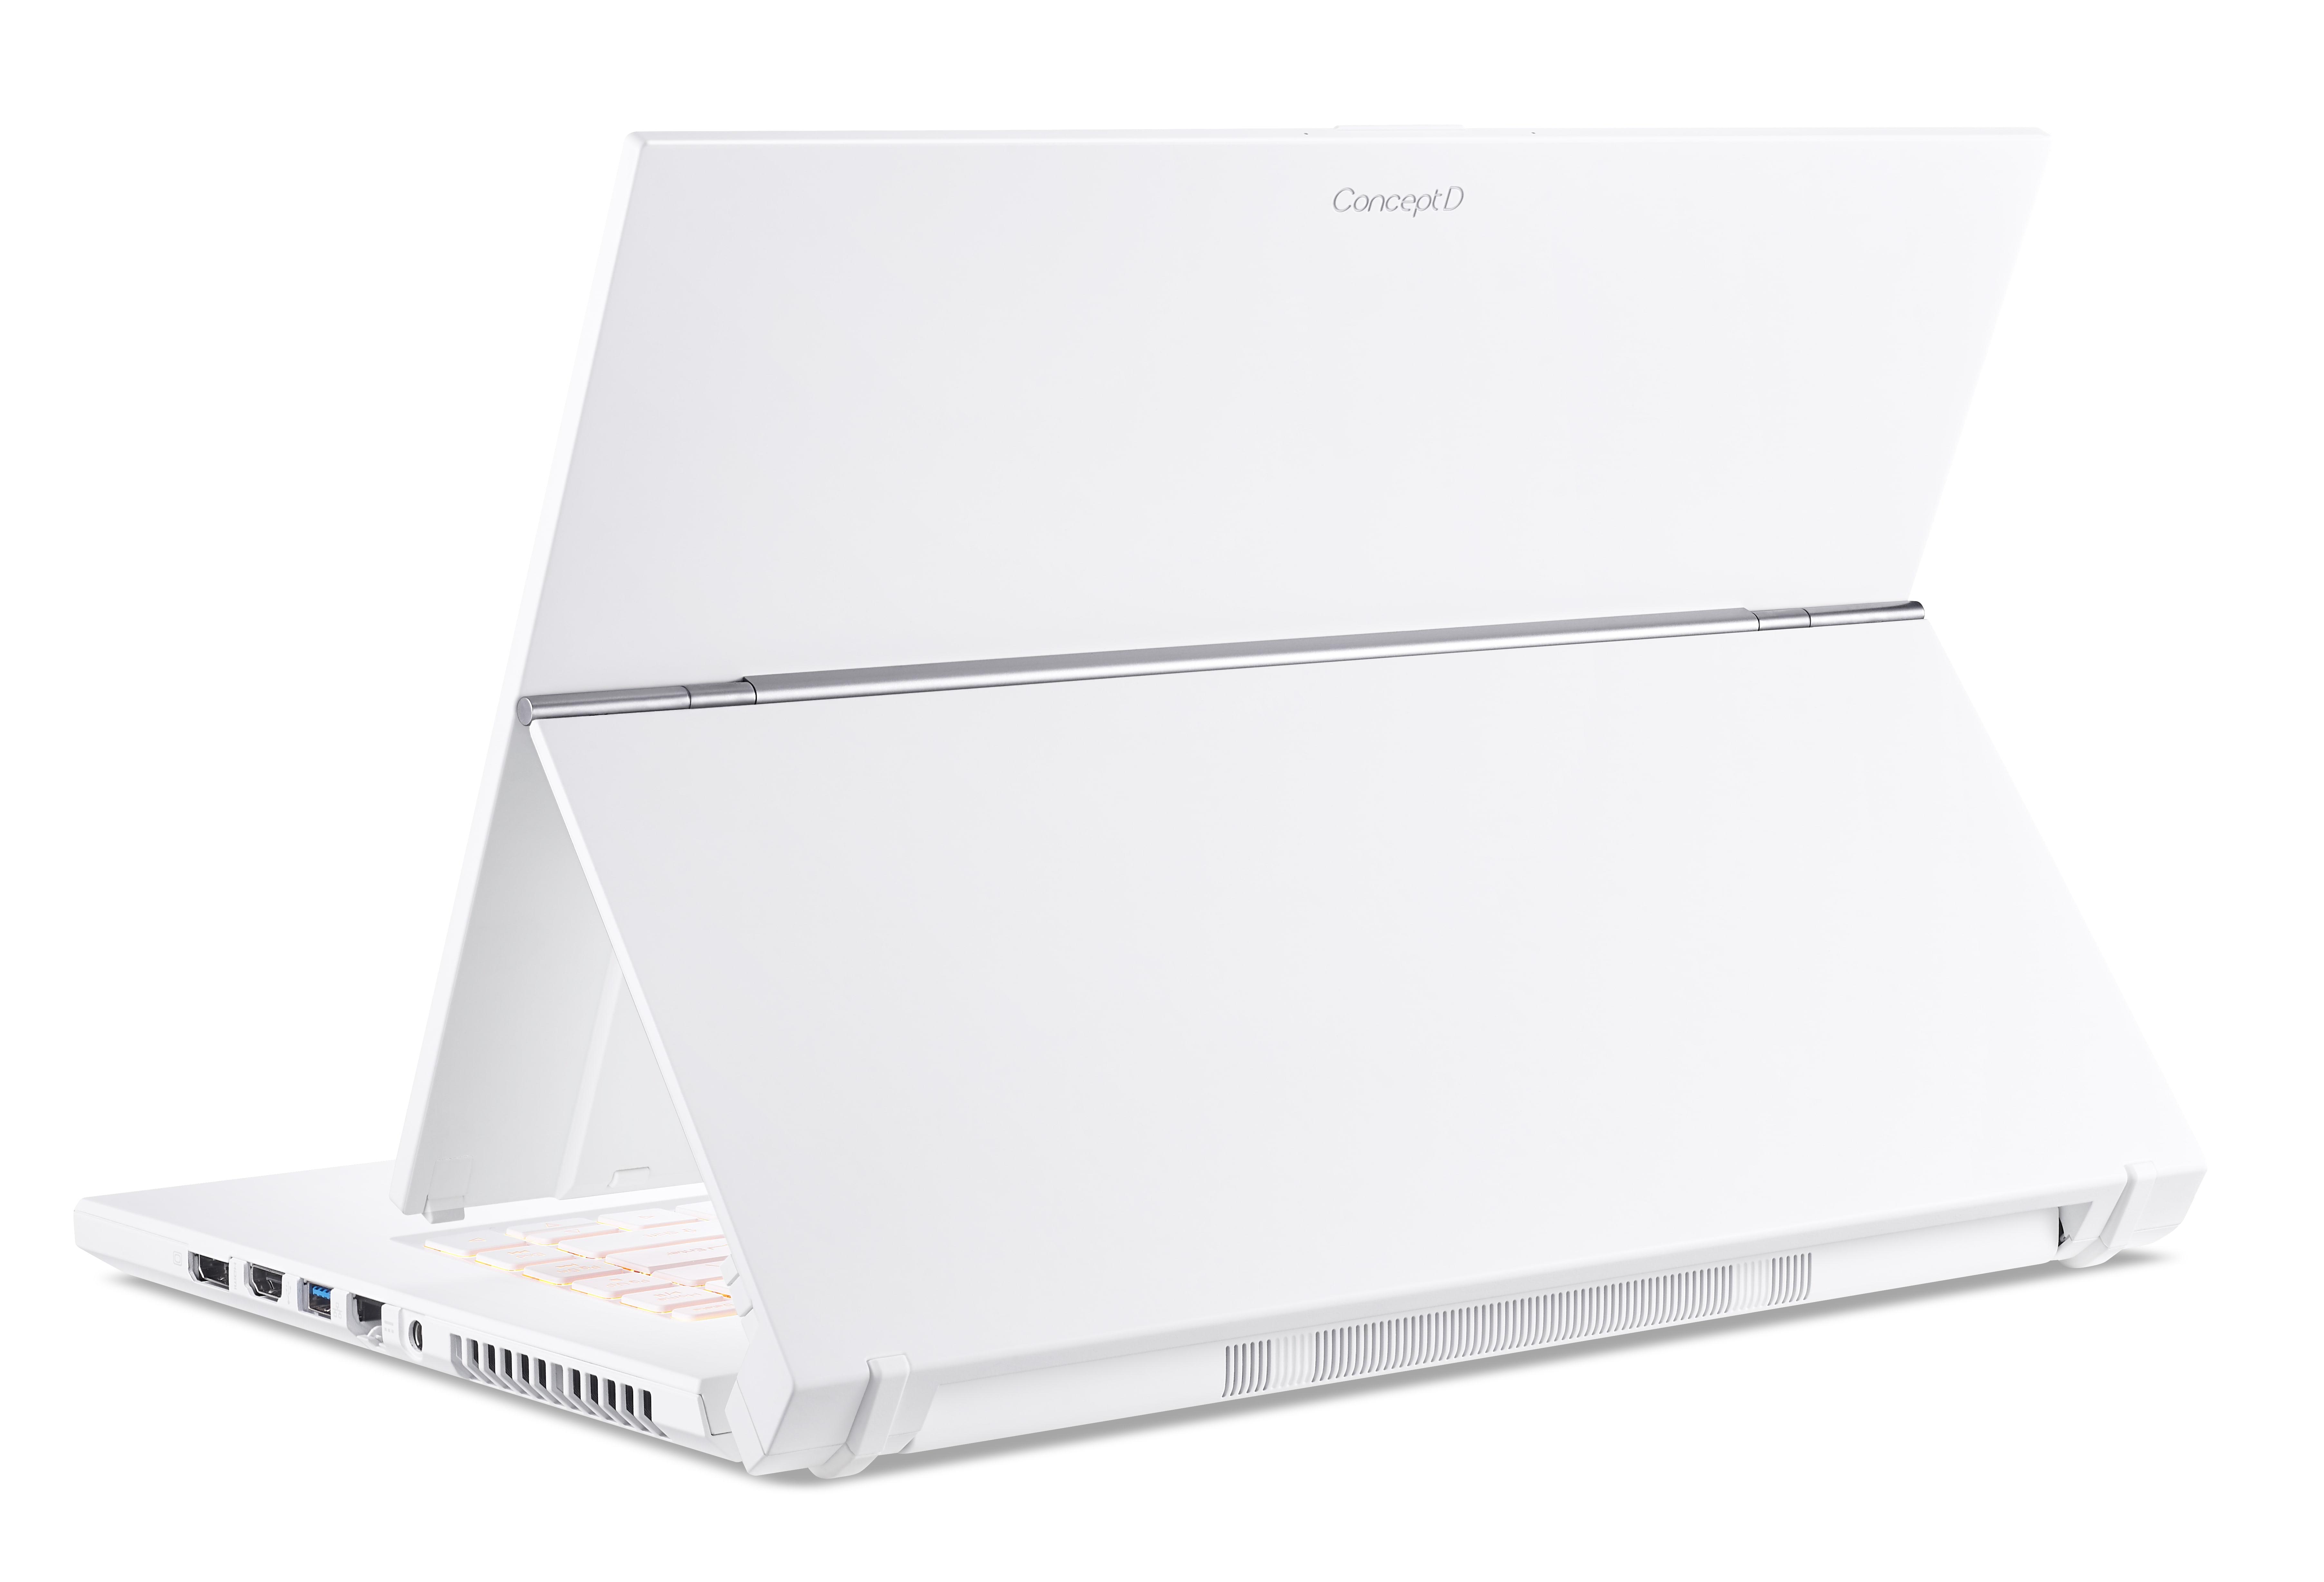 Acer ConceptD: ¿Las mejores laptops para diseñadores?